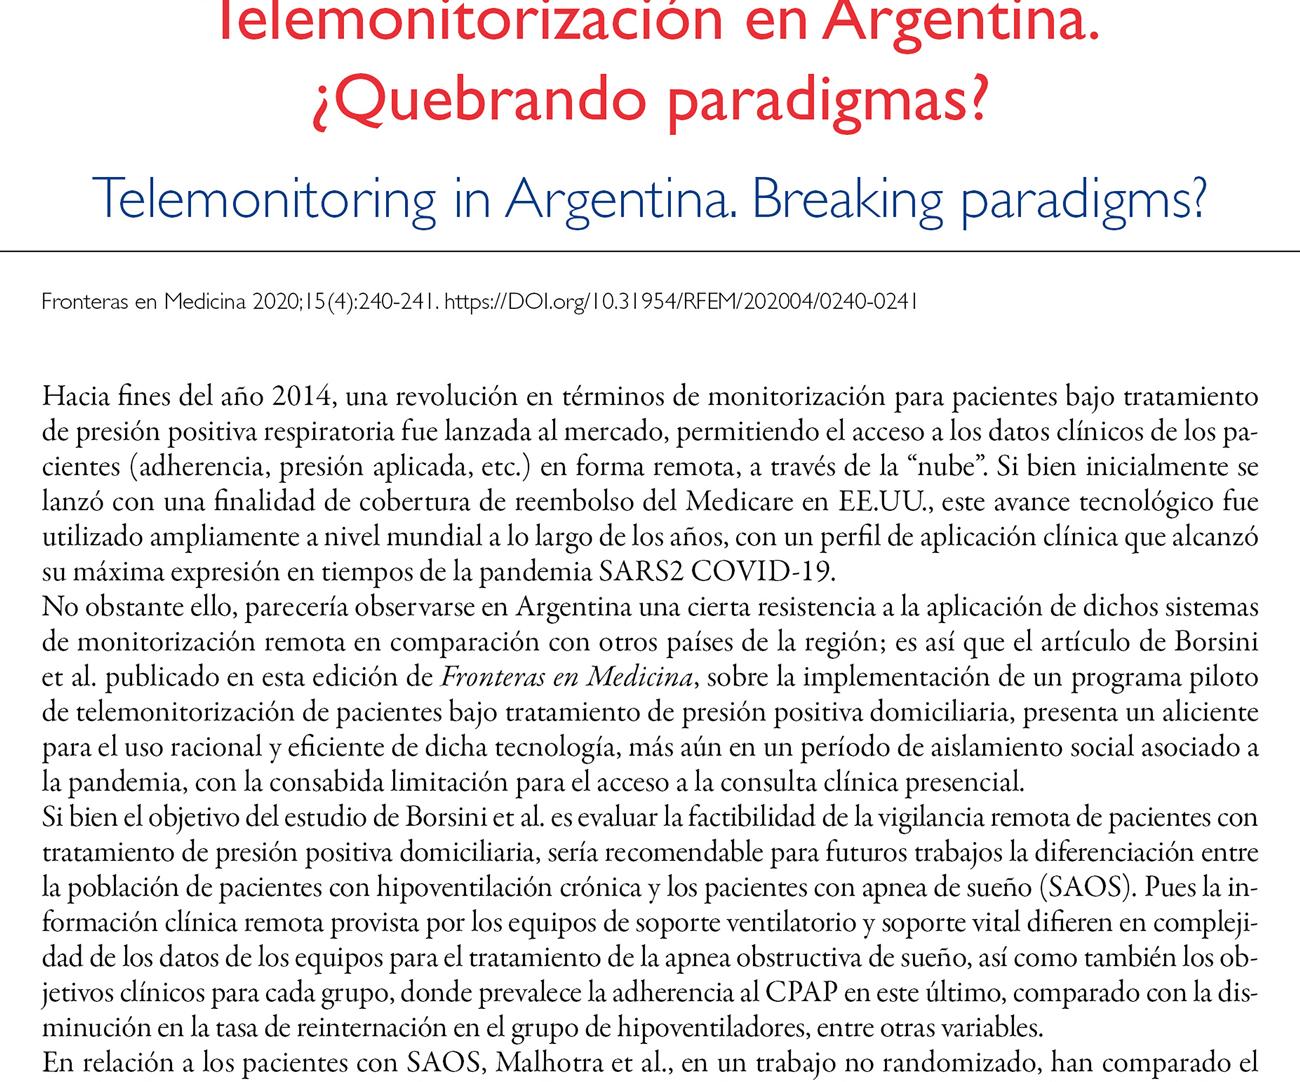 Telemonitorización en Argentina.  ¿Quebrando paradigmas?